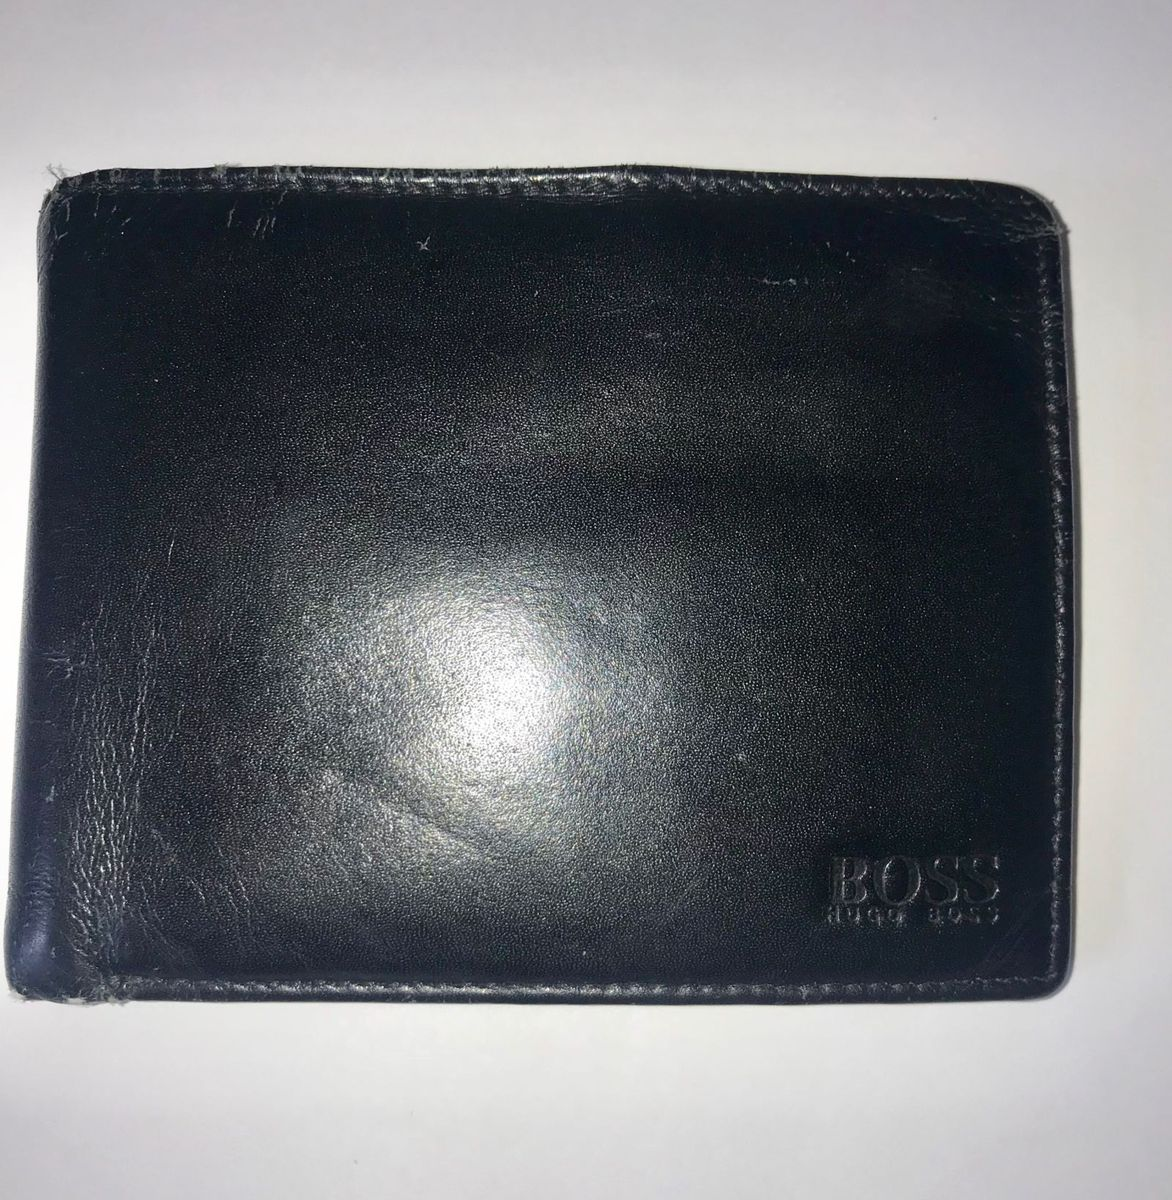 038c22bcb carteira original hugo boss - carteiras hugo boss.  Czm6ly9wag90b3muzw5qb2vplmnvbs5ici9wcm9kdwn0cy83mzc0nzqvnjc1nza0zty2zwnlodawyzuxn2y5mjkxndi3mzkxotcuanbn  ...